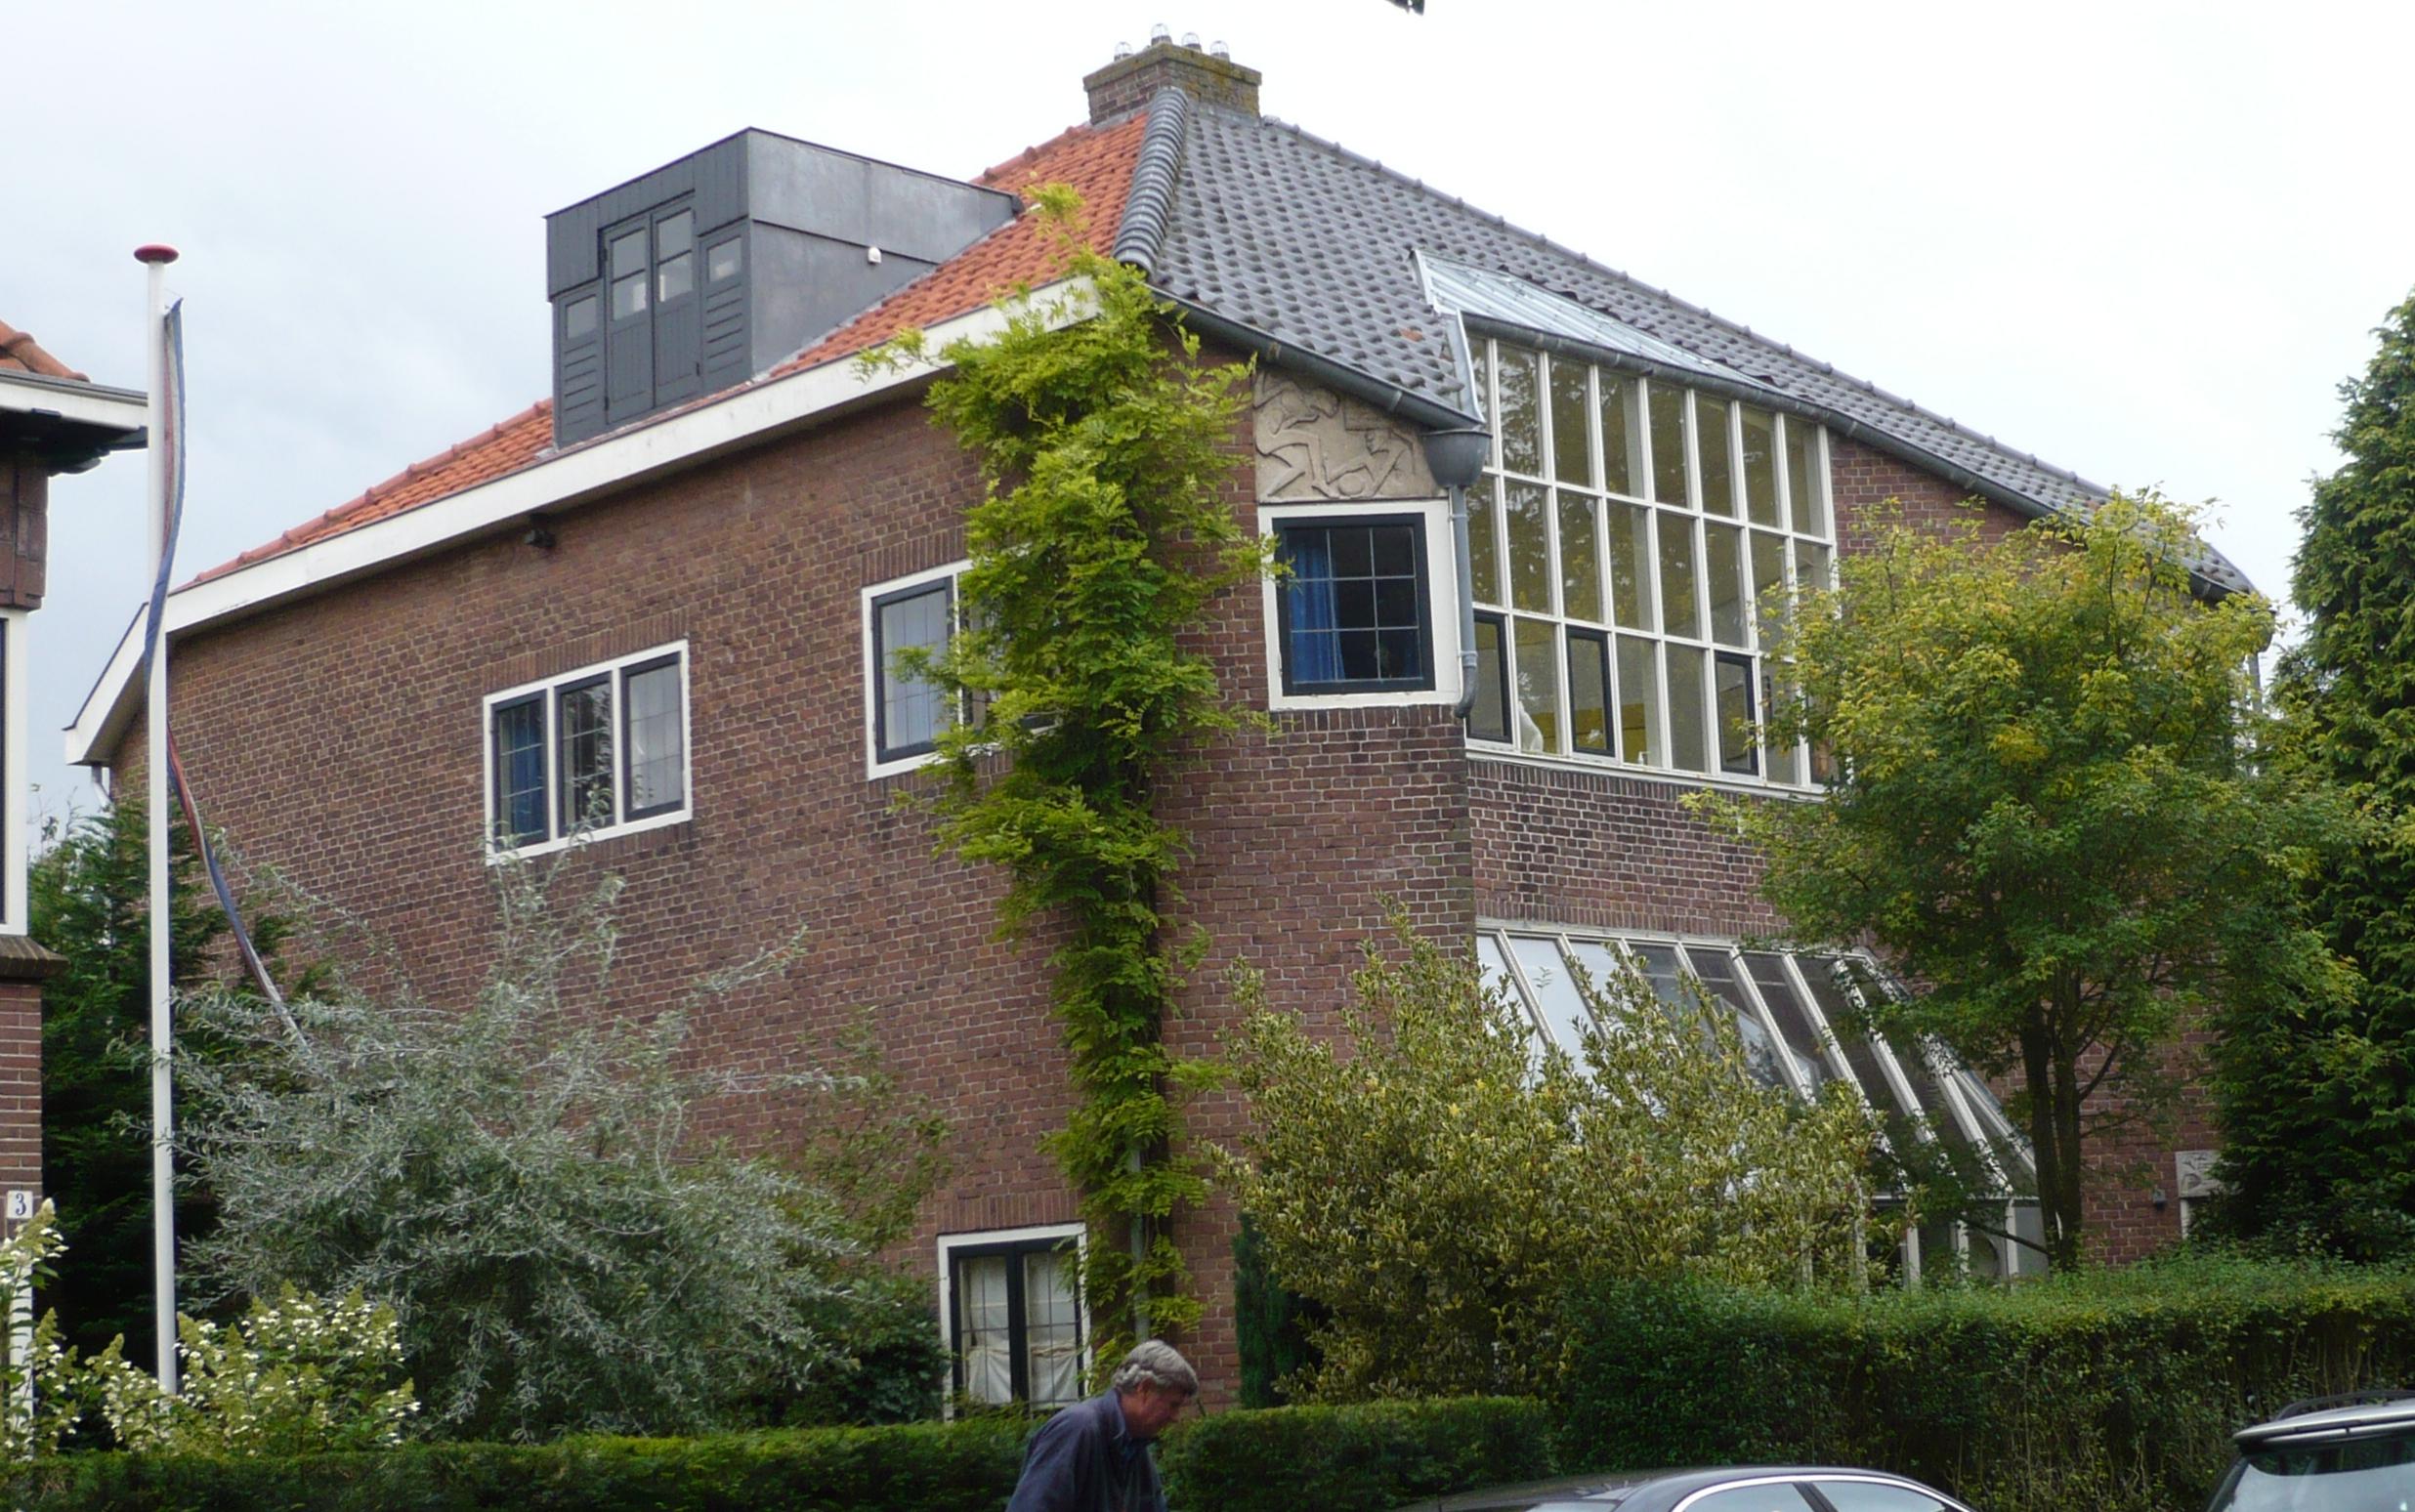 Atelierwoning in heemstede monument - Expressionistische architectuur ...